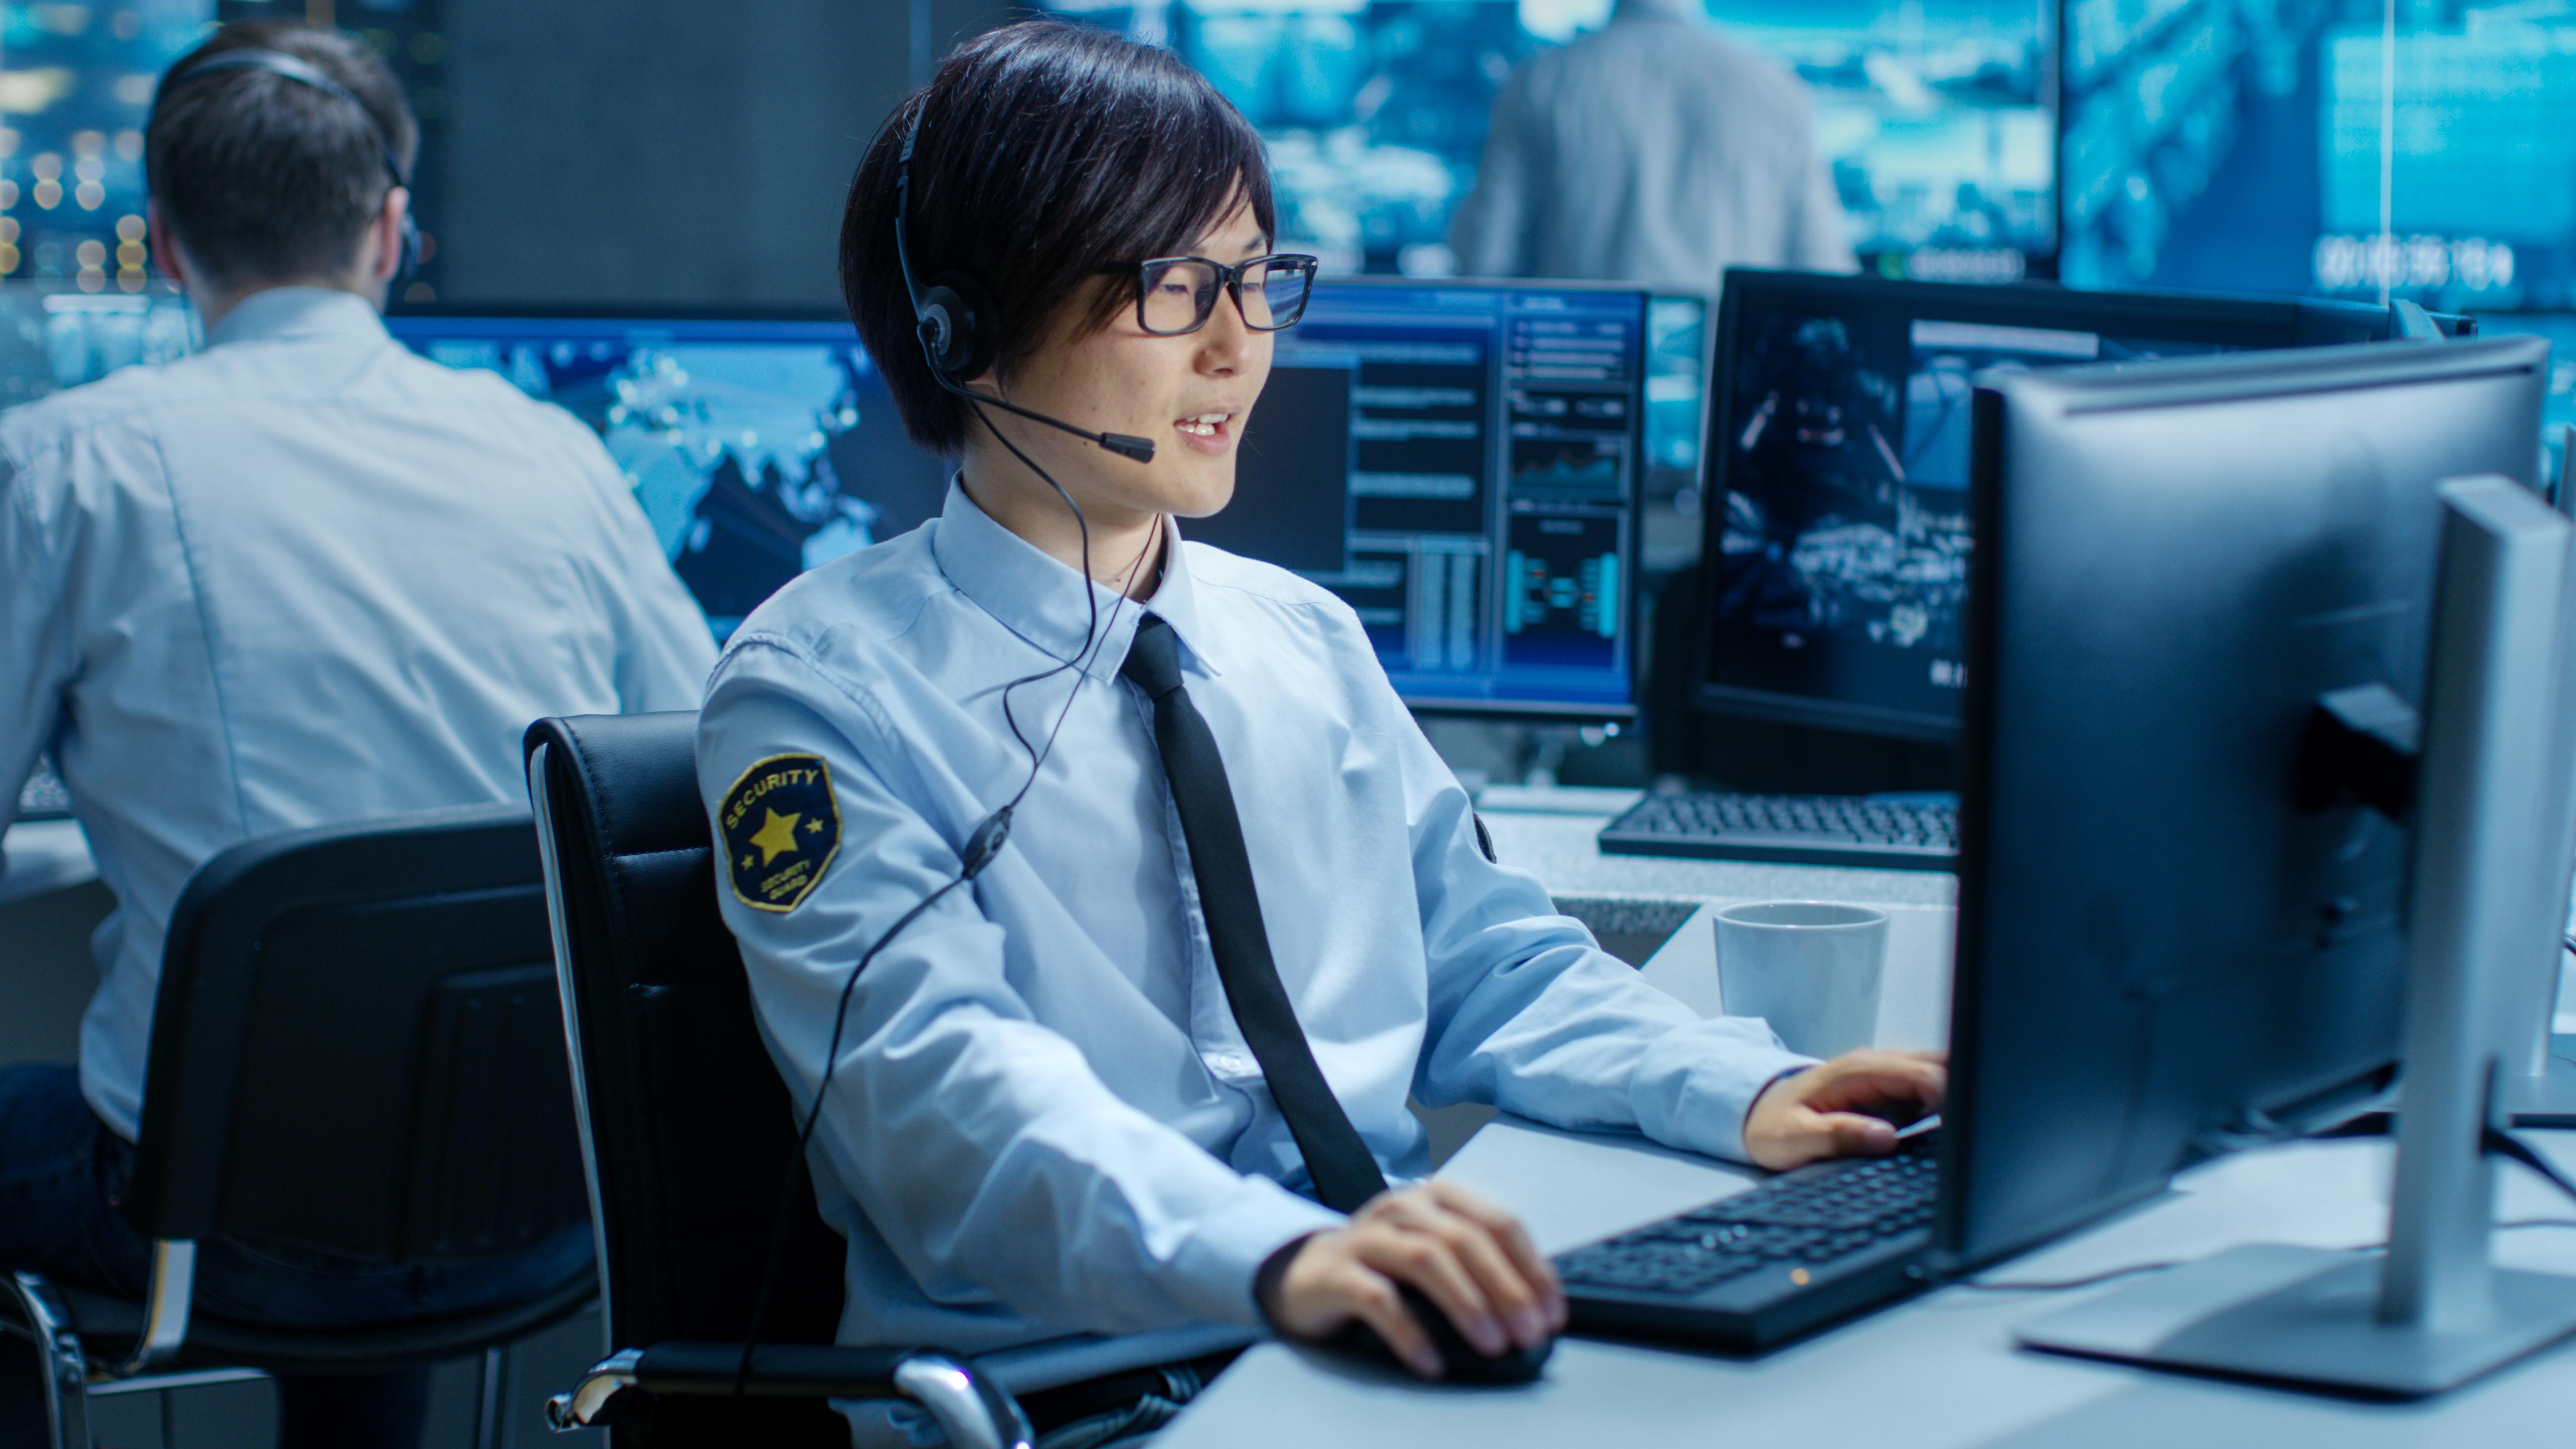 911 Dispatcher Responsibilities & Daily Activities | Career